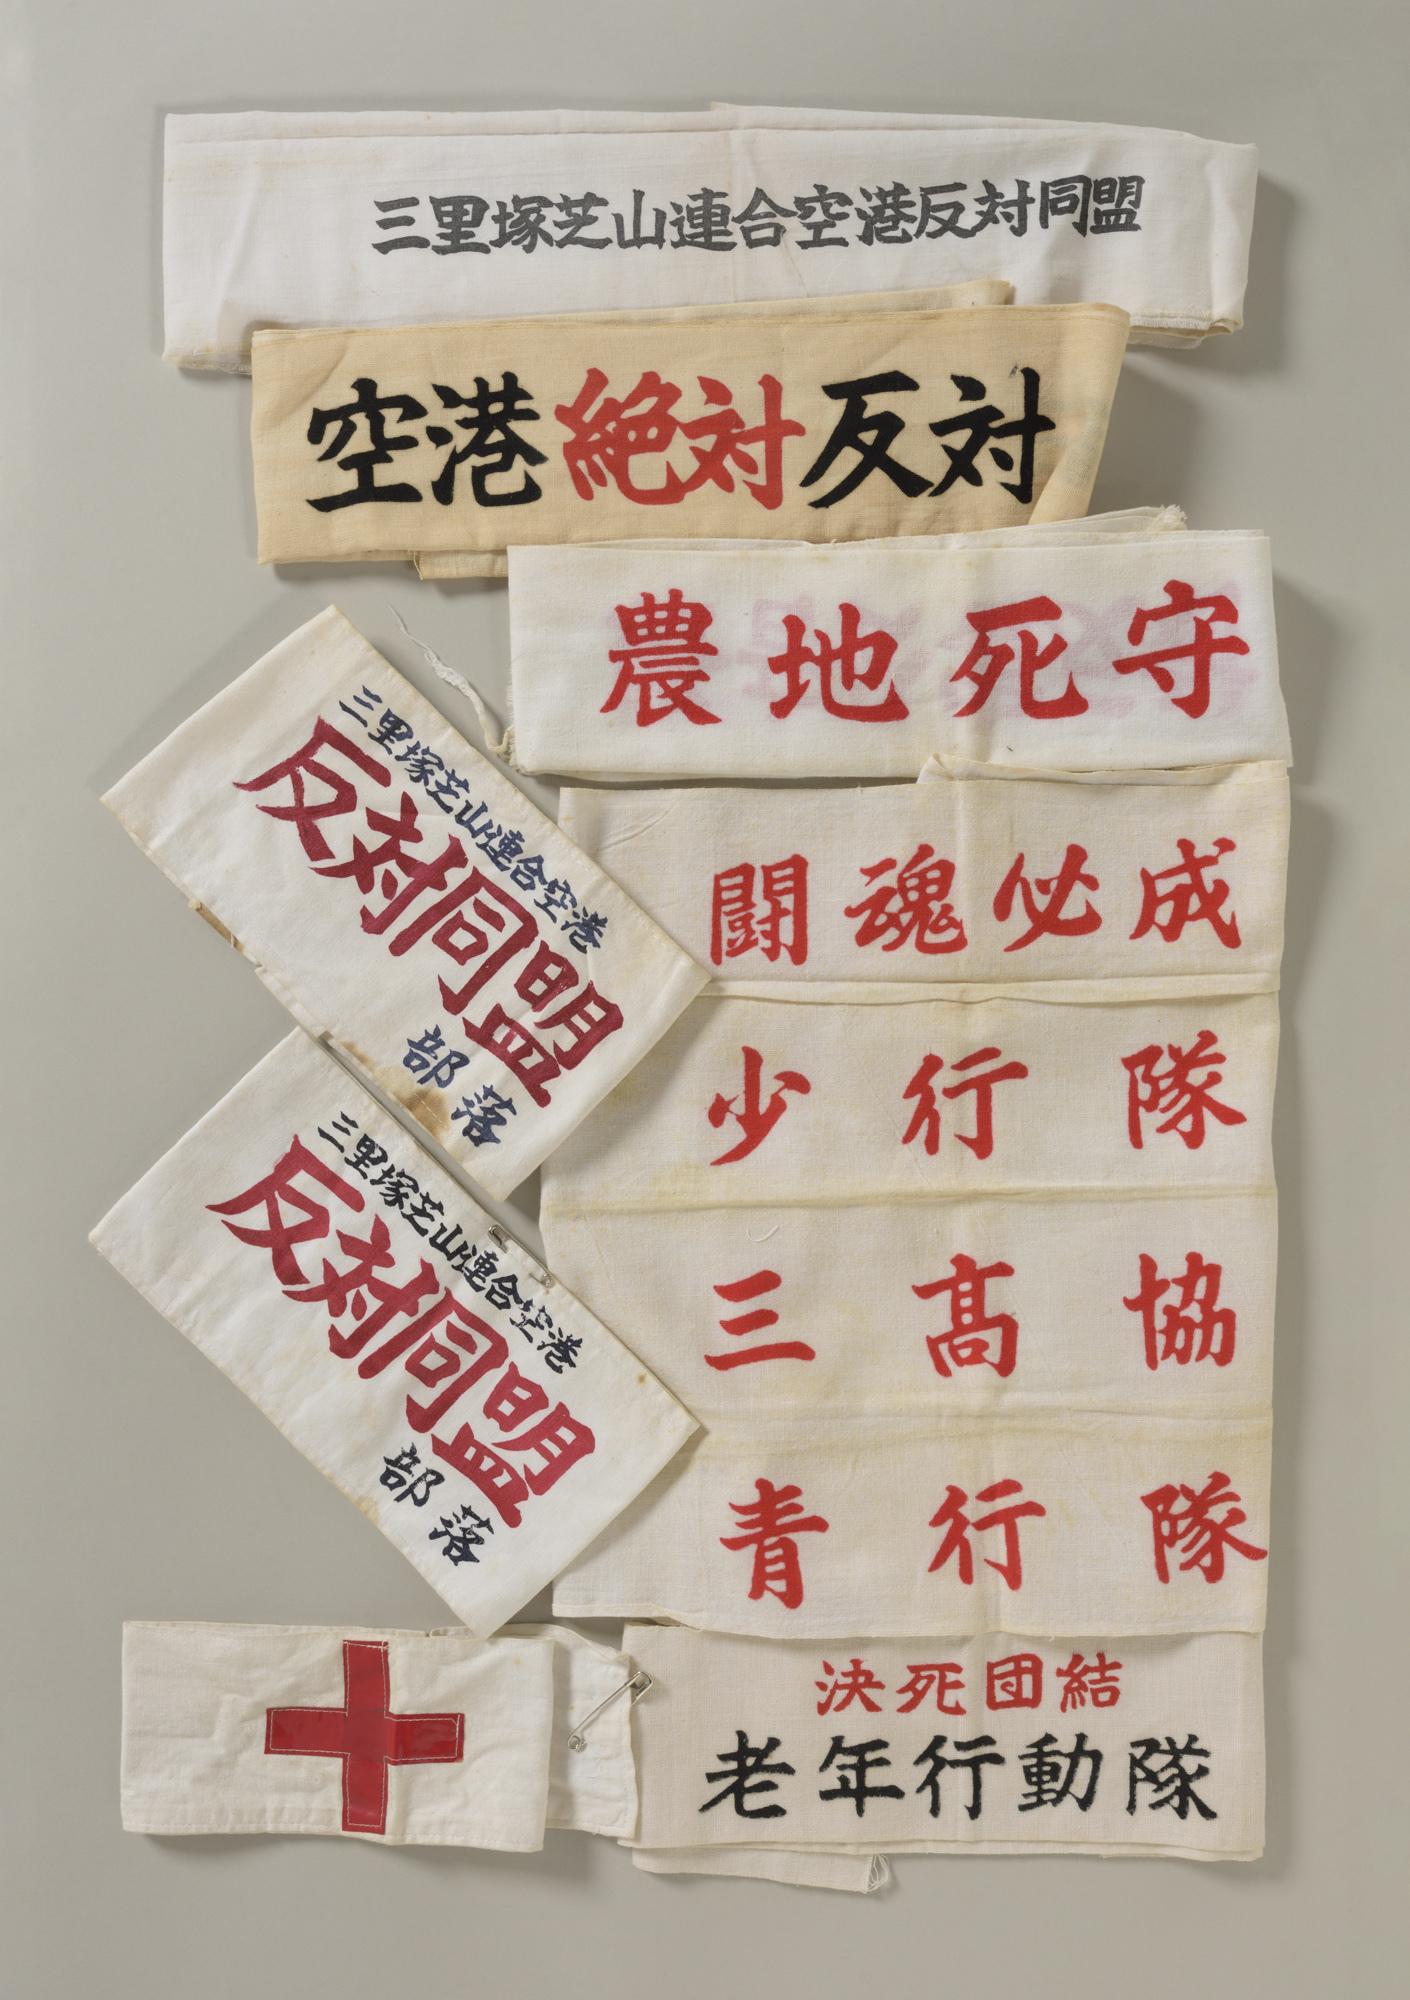 三里塚の空港反対同盟が使用したたすき・はちまき・腕章 成田空港 空と大地の歴史館蔵